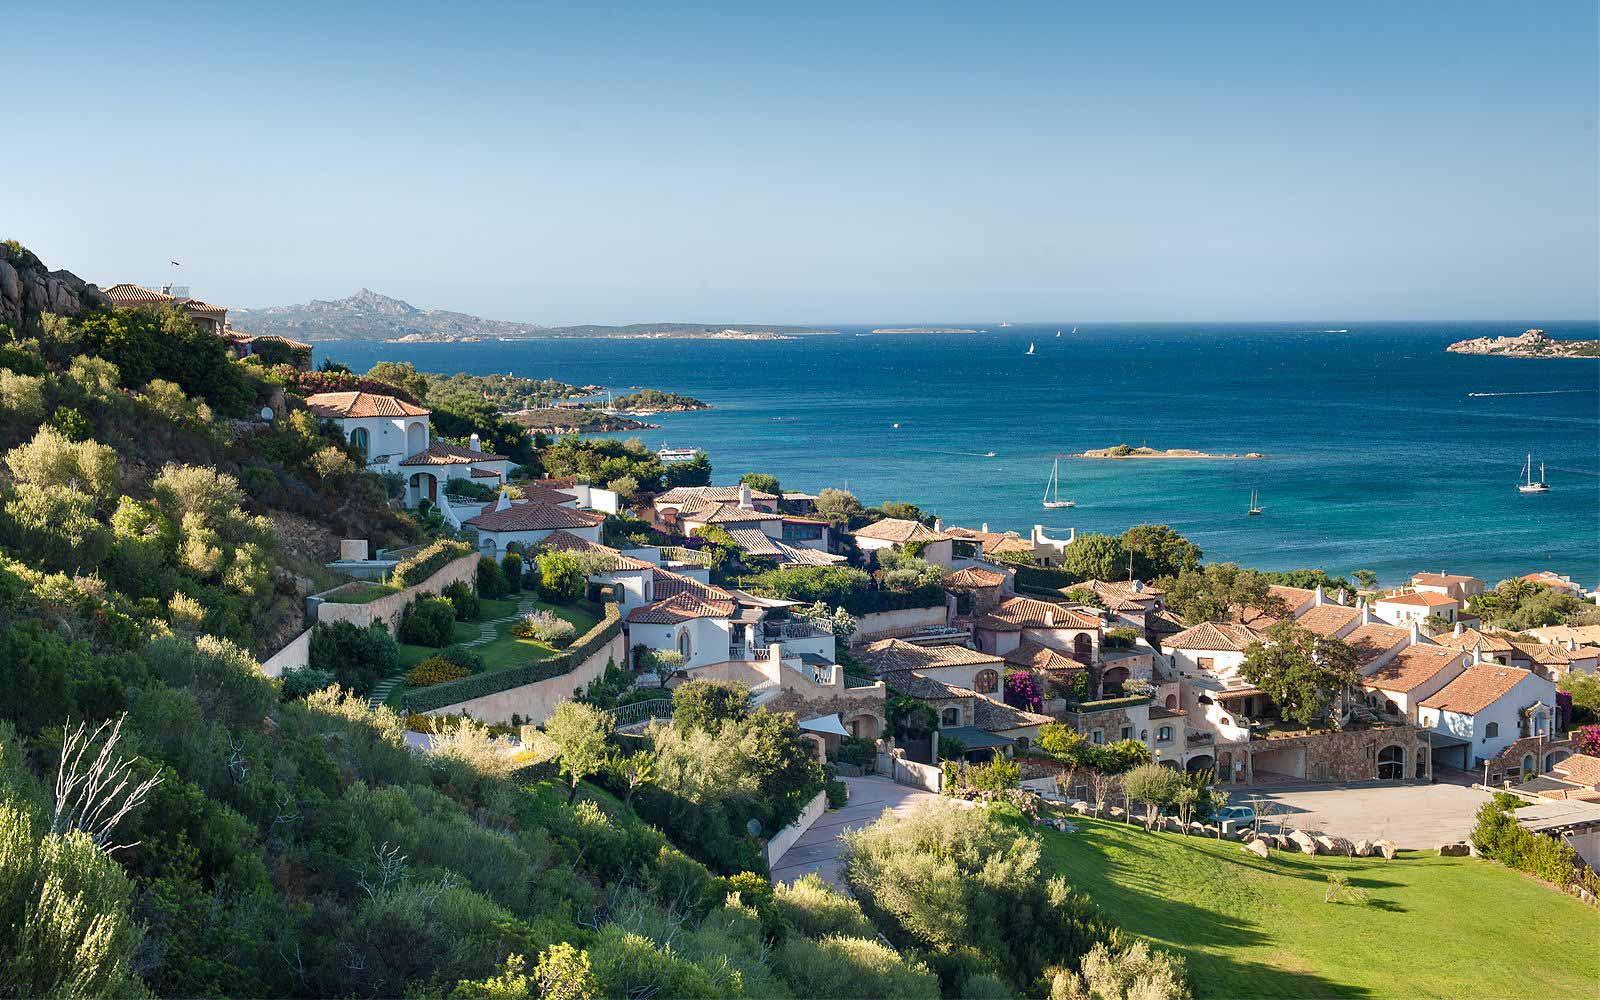 Panoramic view at Hotel Relais Villa Del Golfo & Spa